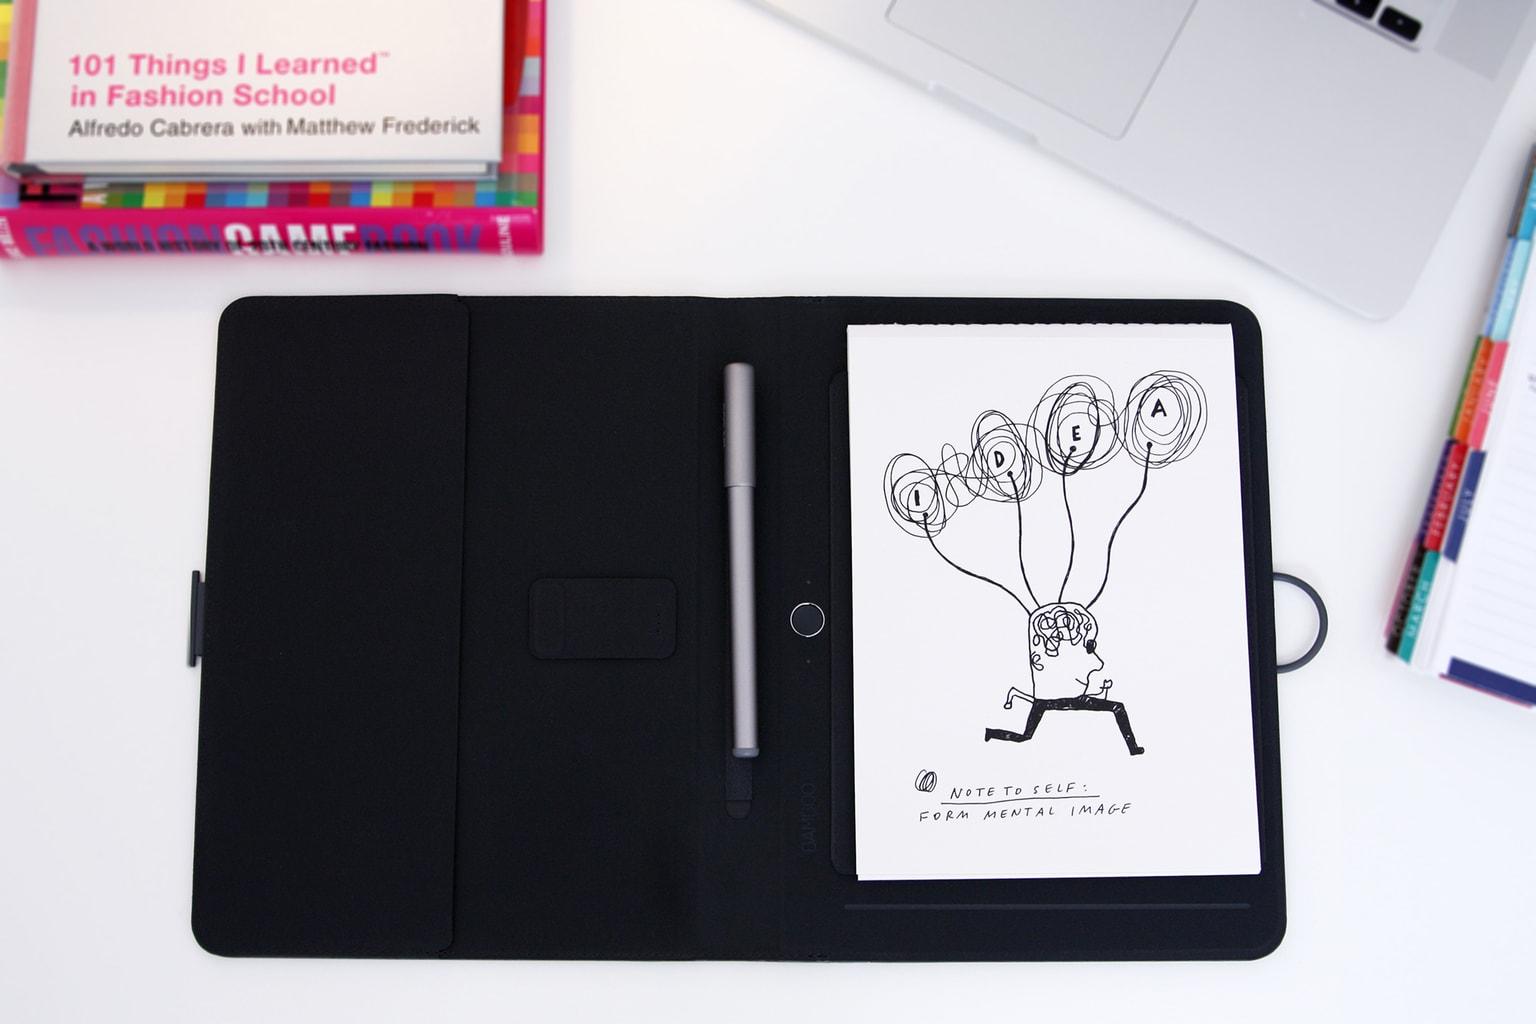 Bamboo Spark smart notebook